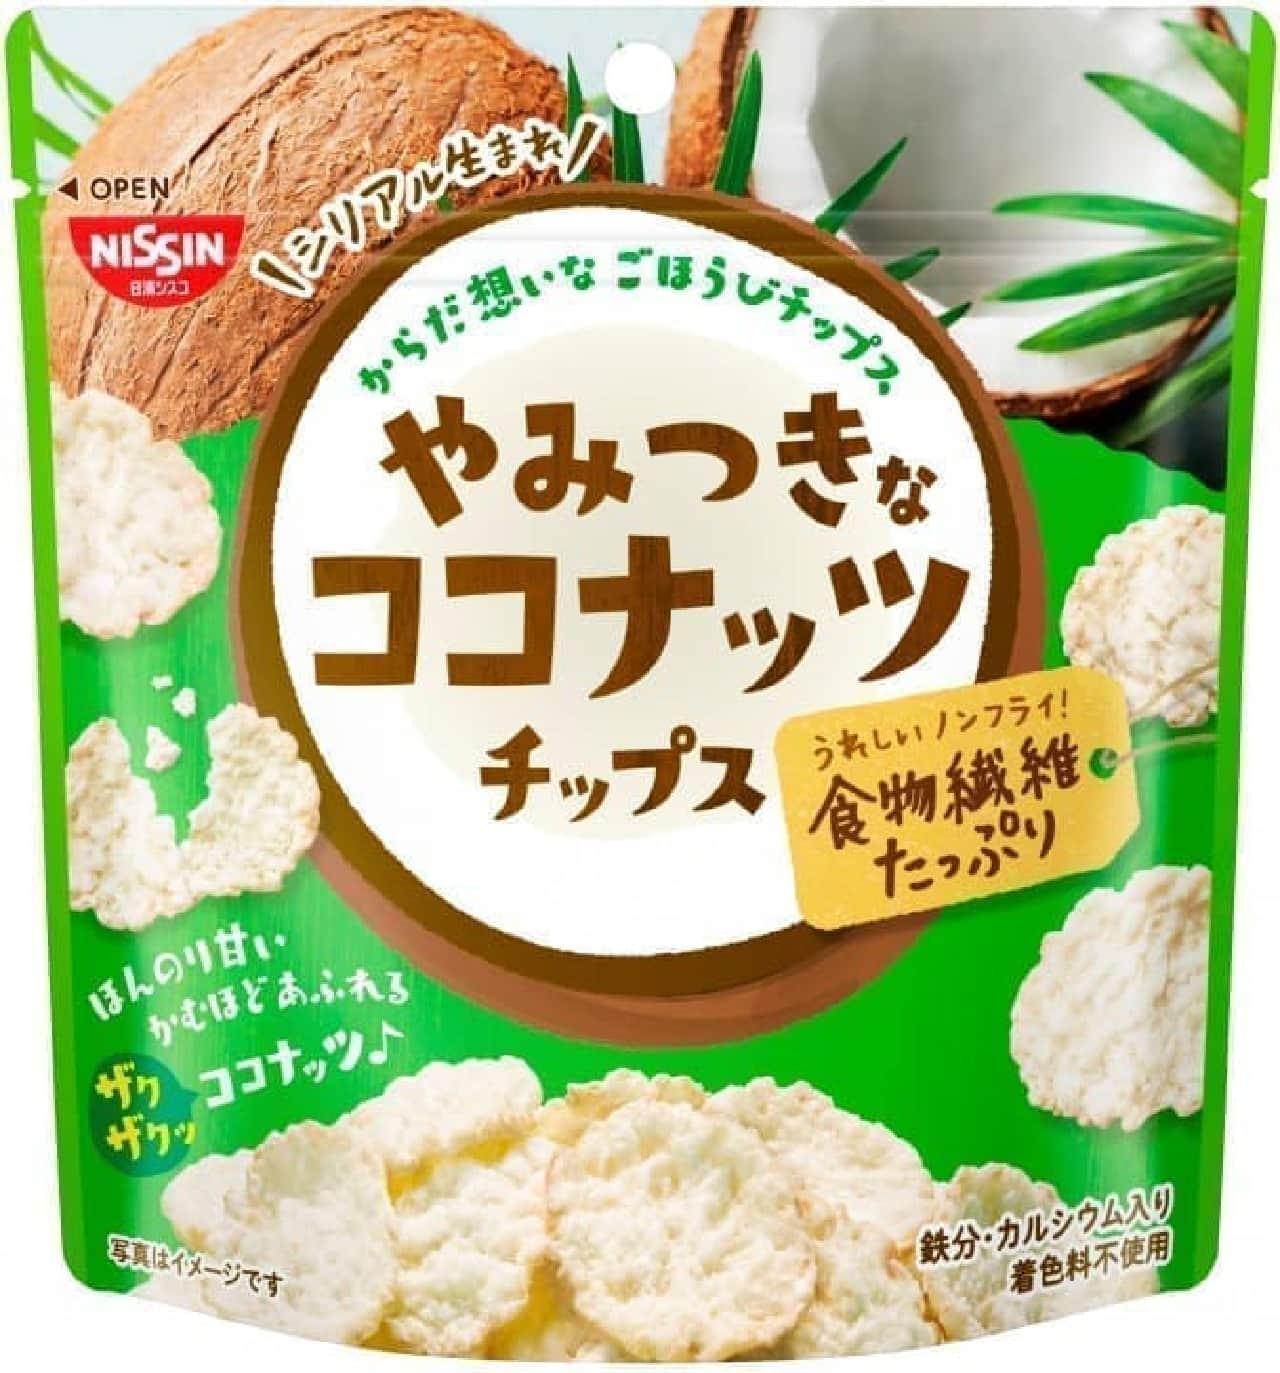 日清シスコ「やみつきなココナッツチップス」